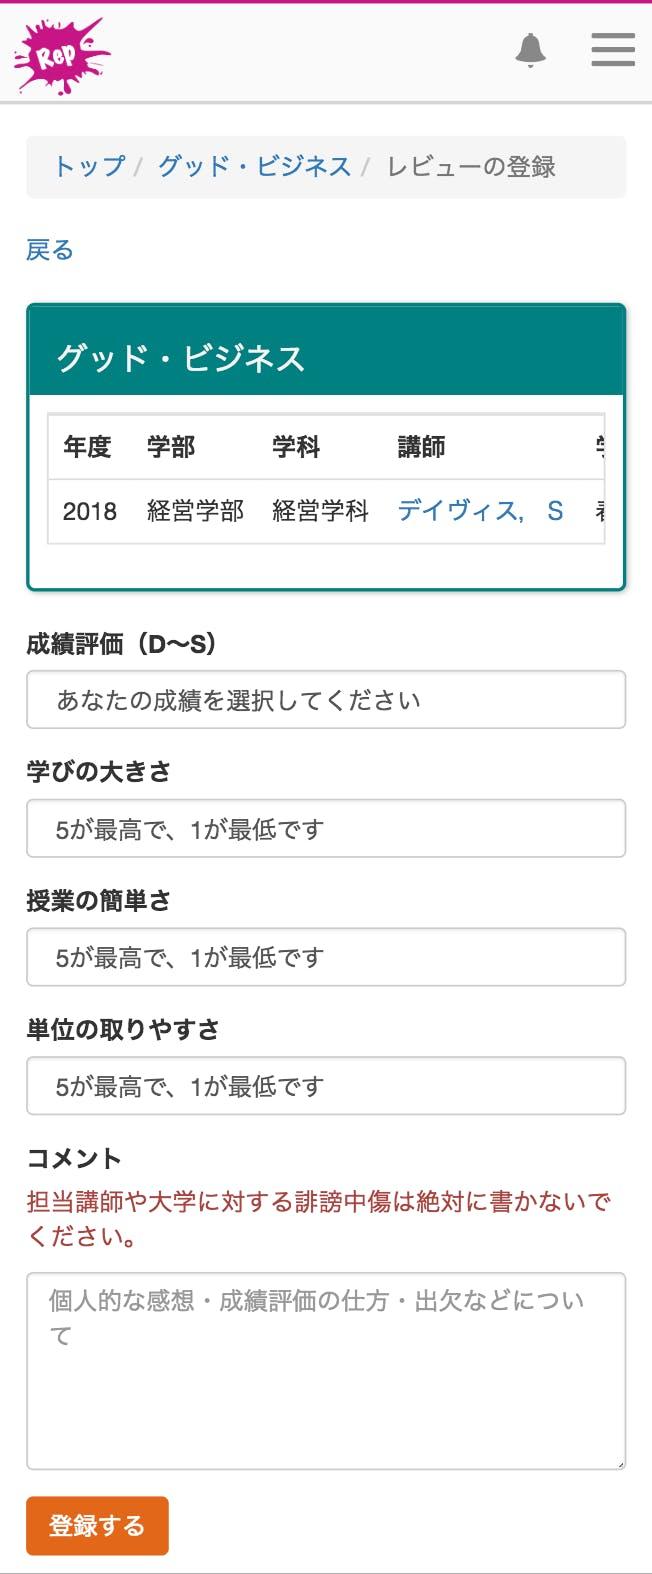 スクリーンショット 2018-08-01 1.04.00.png